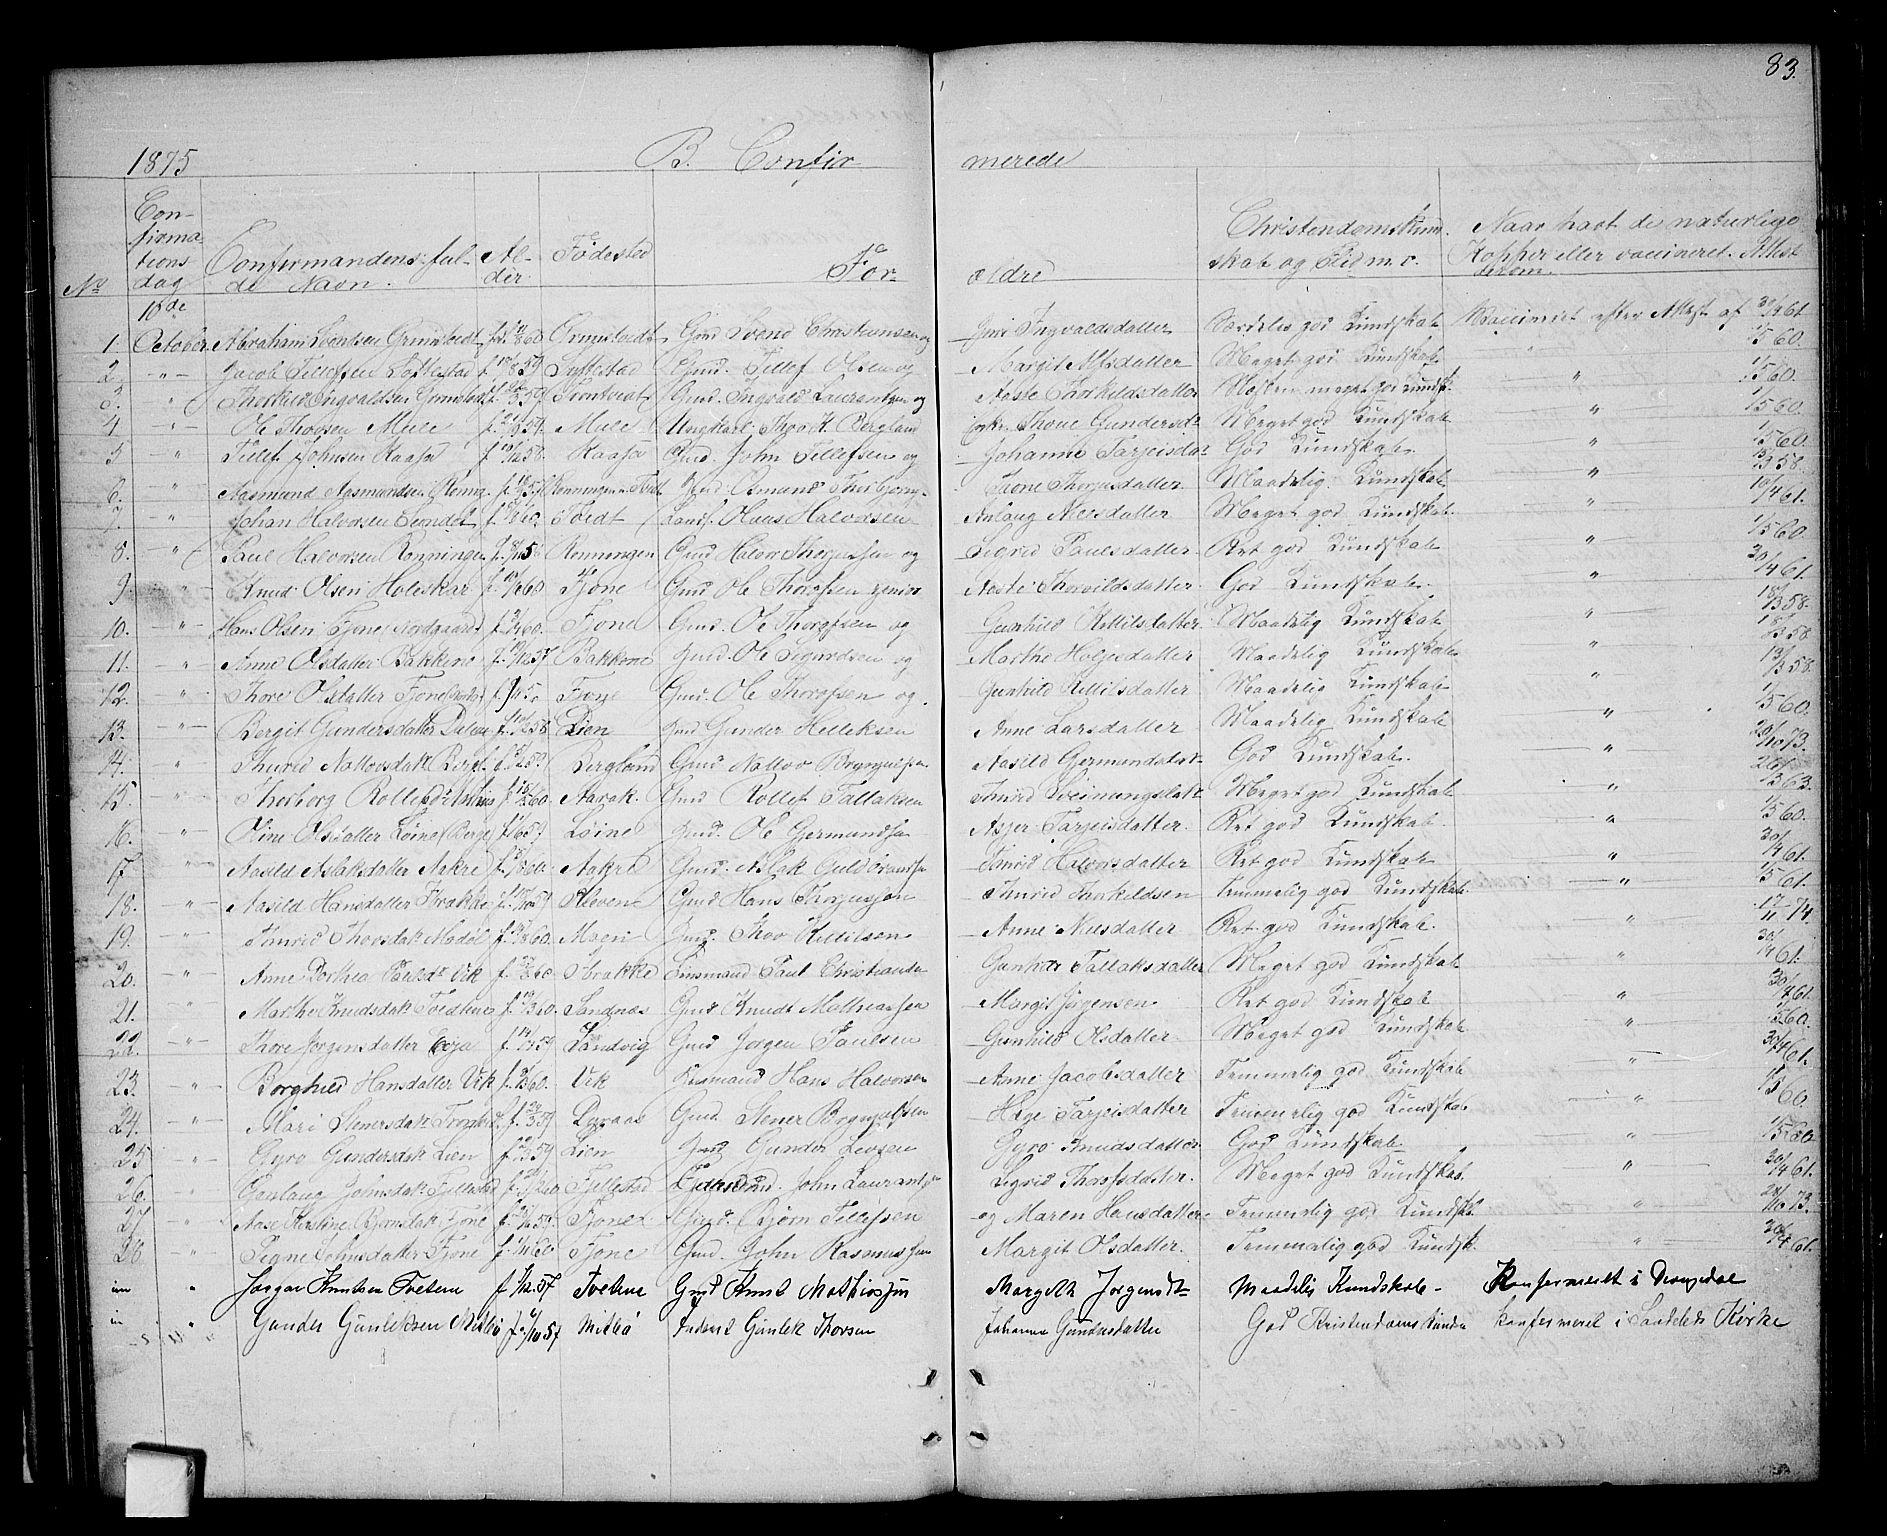 SAKO, Nissedal kirkebøker, G/Ga/L0002: Klokkerbok nr. I 2, 1861-1887, s. 83